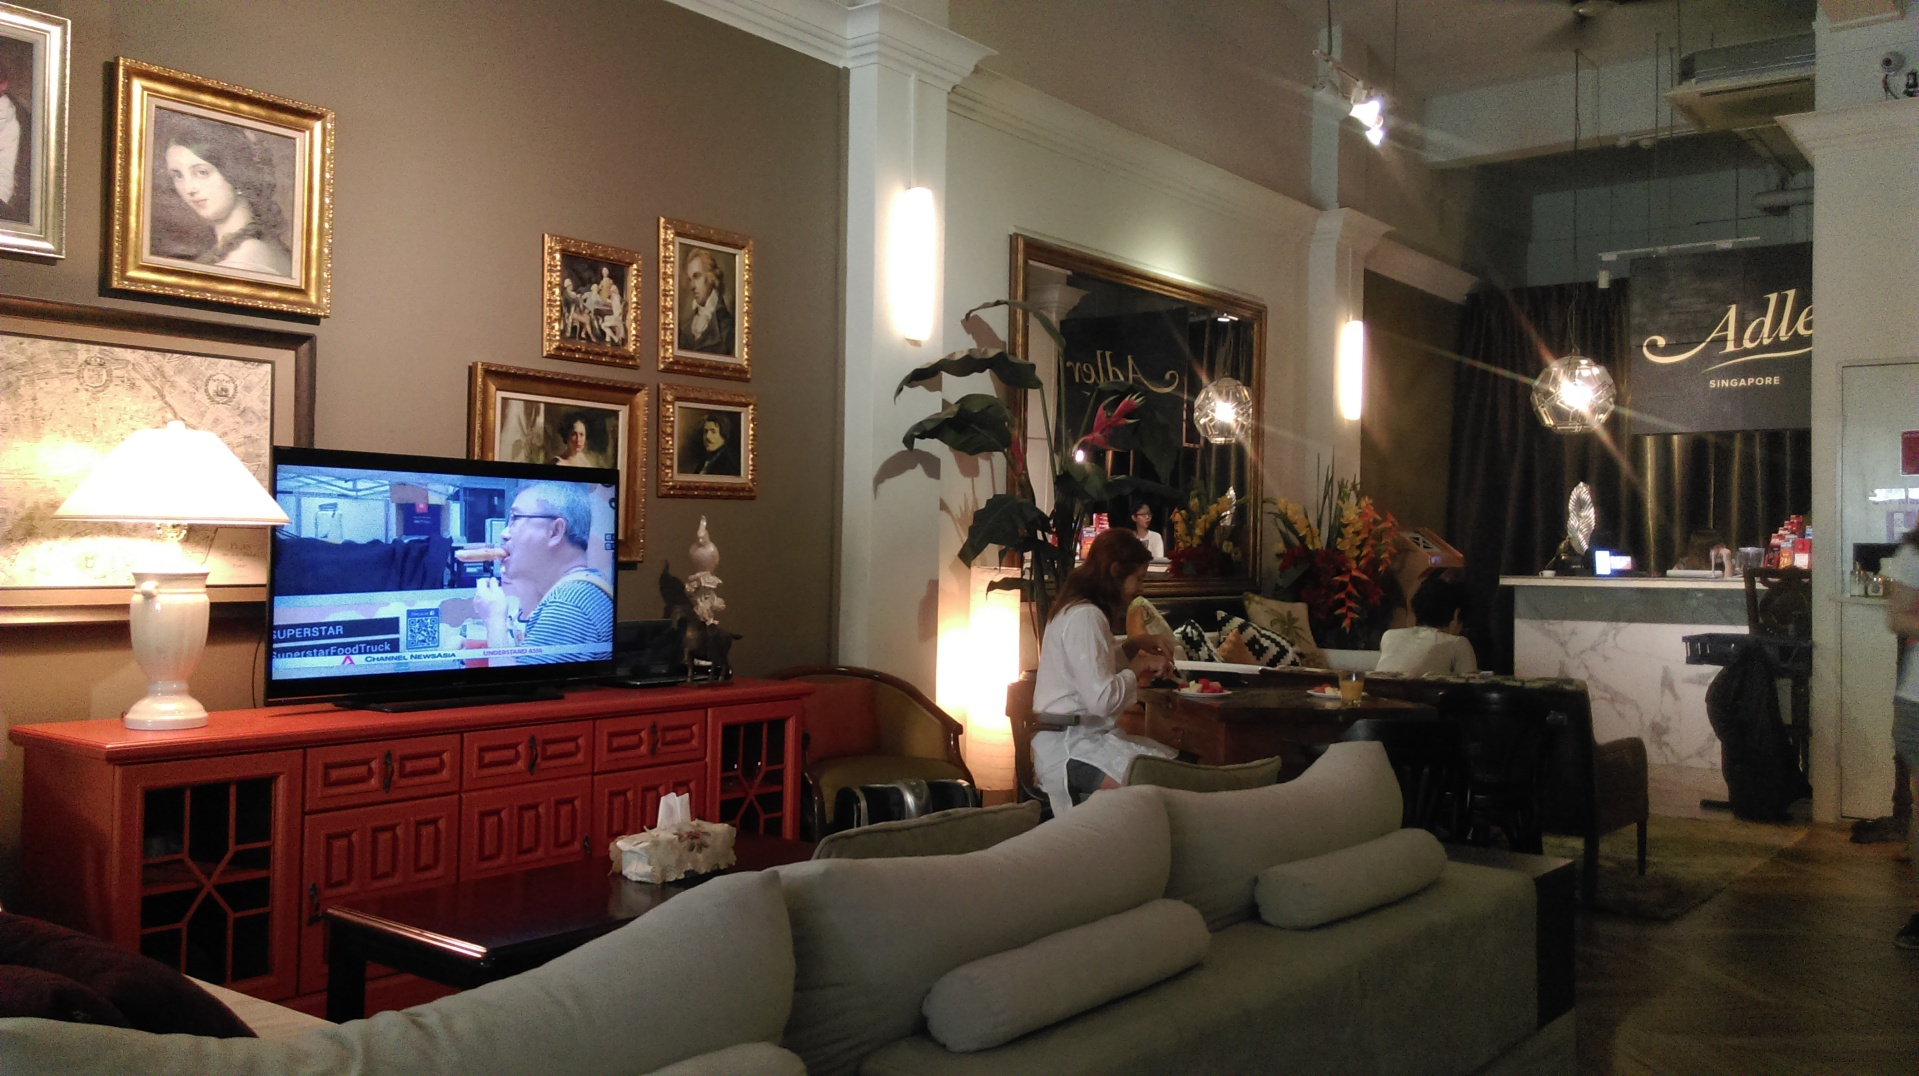 Adler hostel lobby